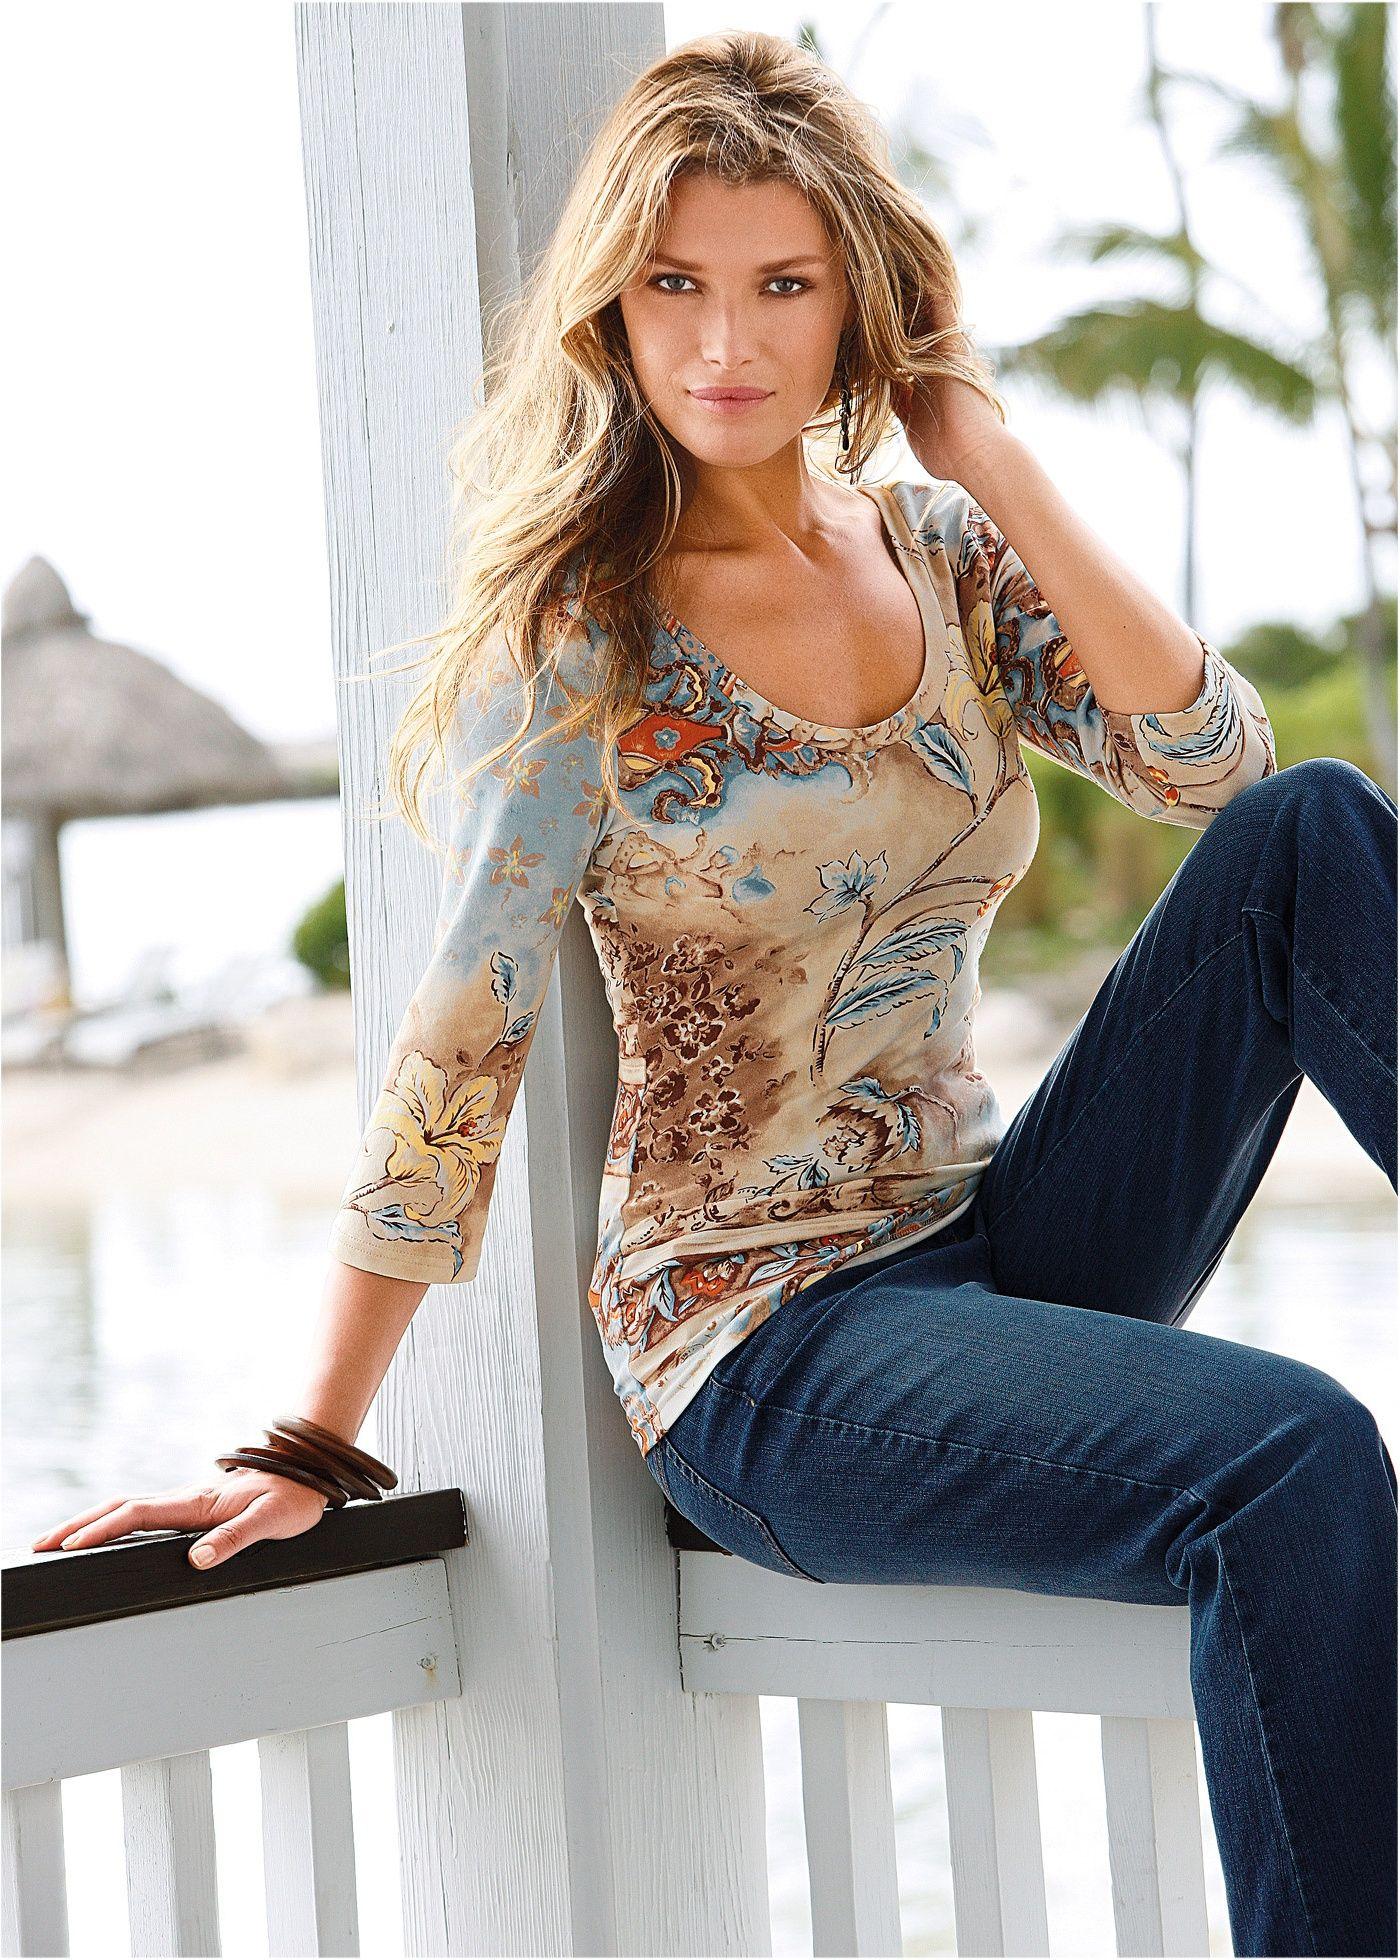 Blusa estampada branco estampado encomendar agora na loja on-line bonprix.de  R$ 69,90 a partir de Com estampa graciosa e mangas 3/4, cada peça é única. ...